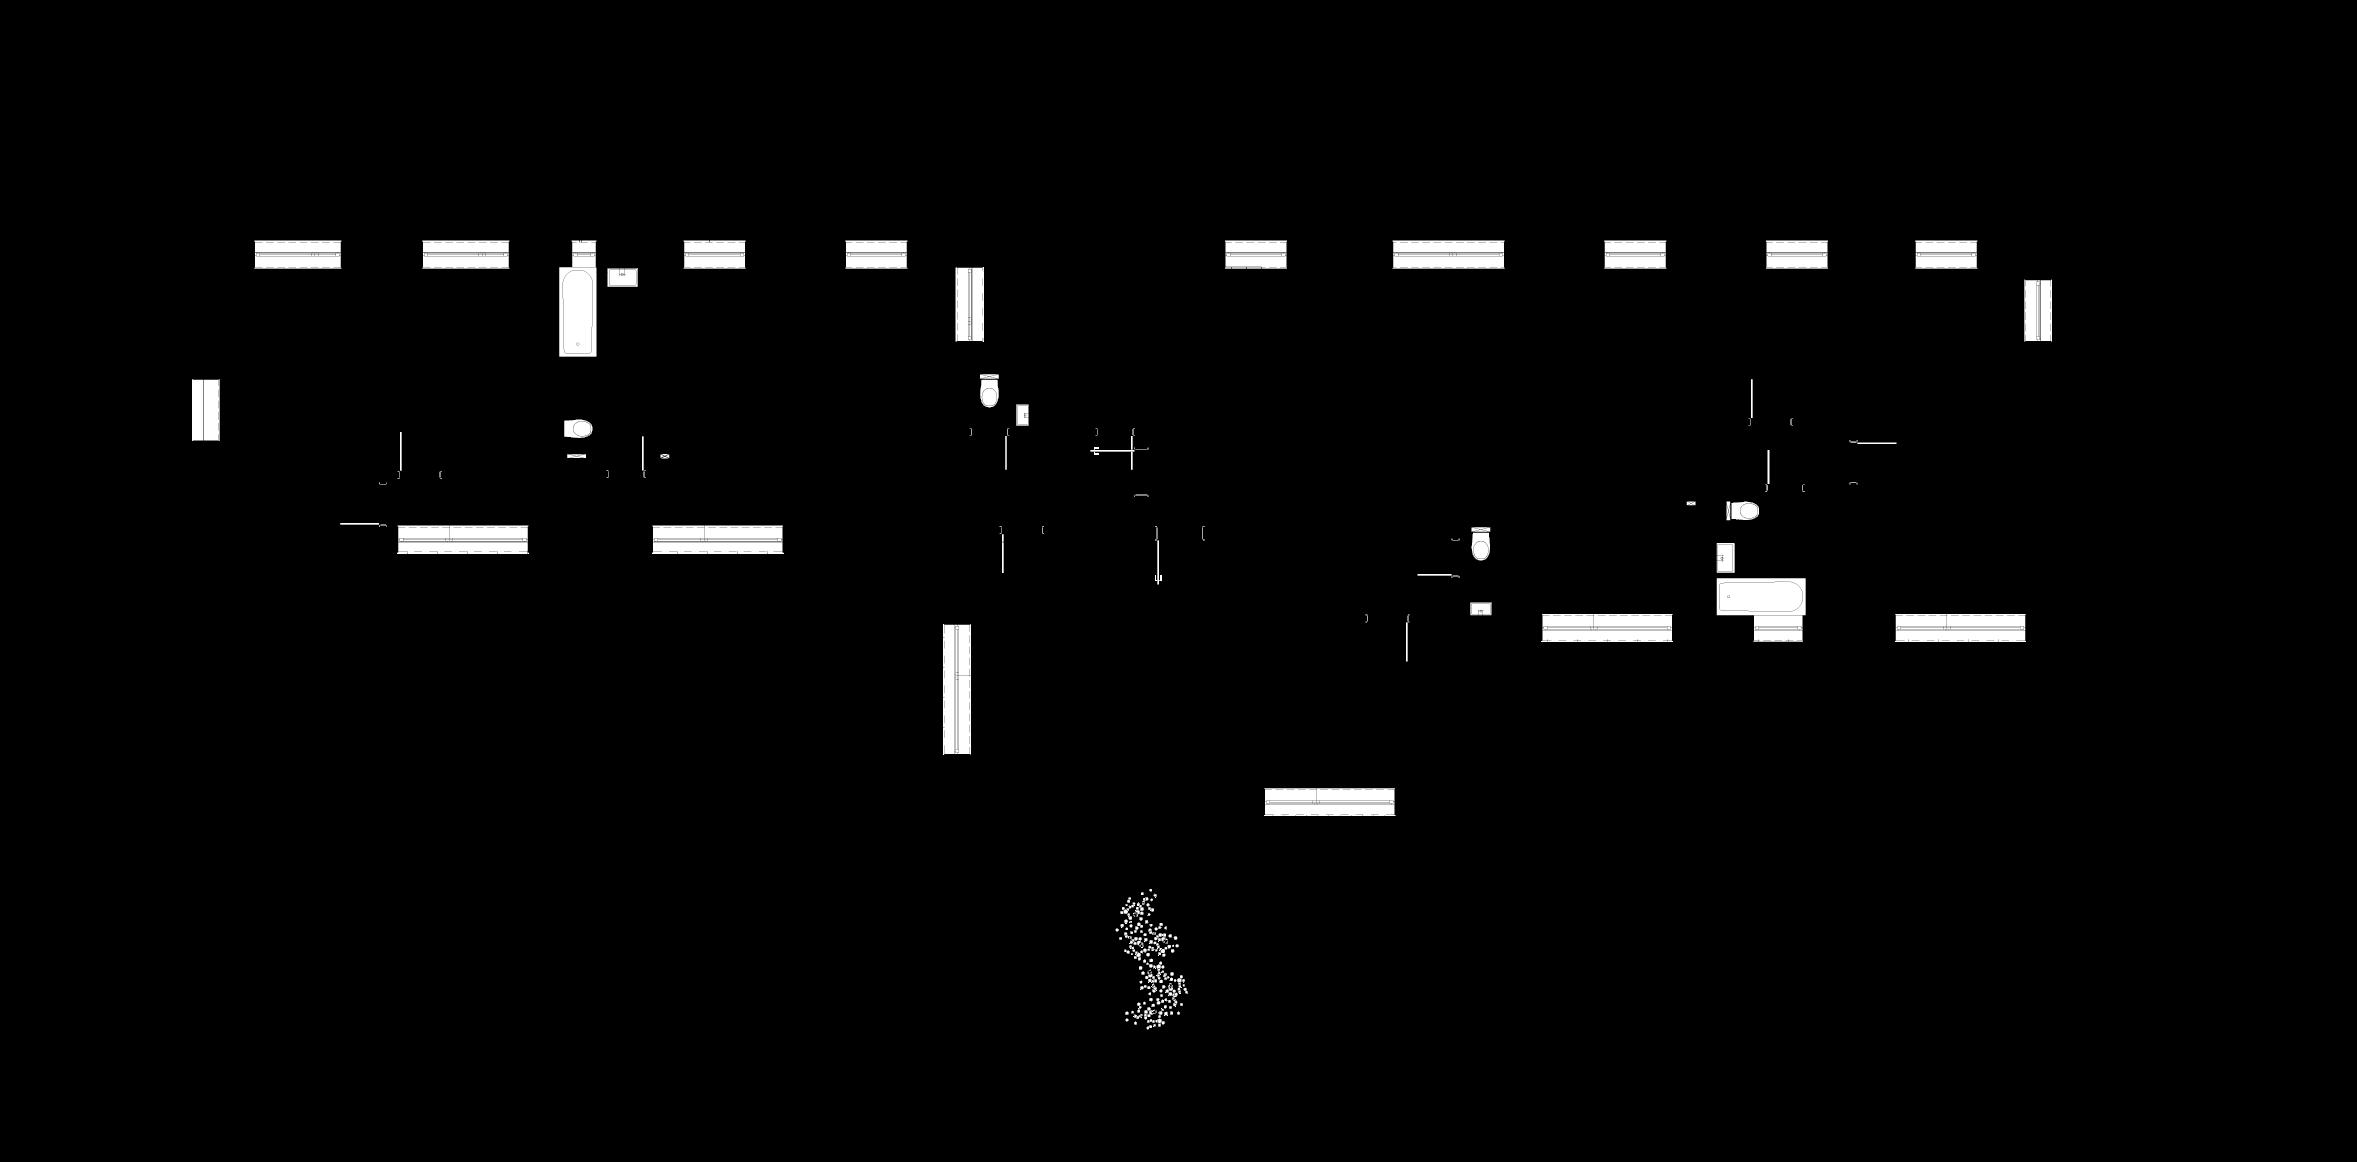 SO-01.A4 – 4. NP